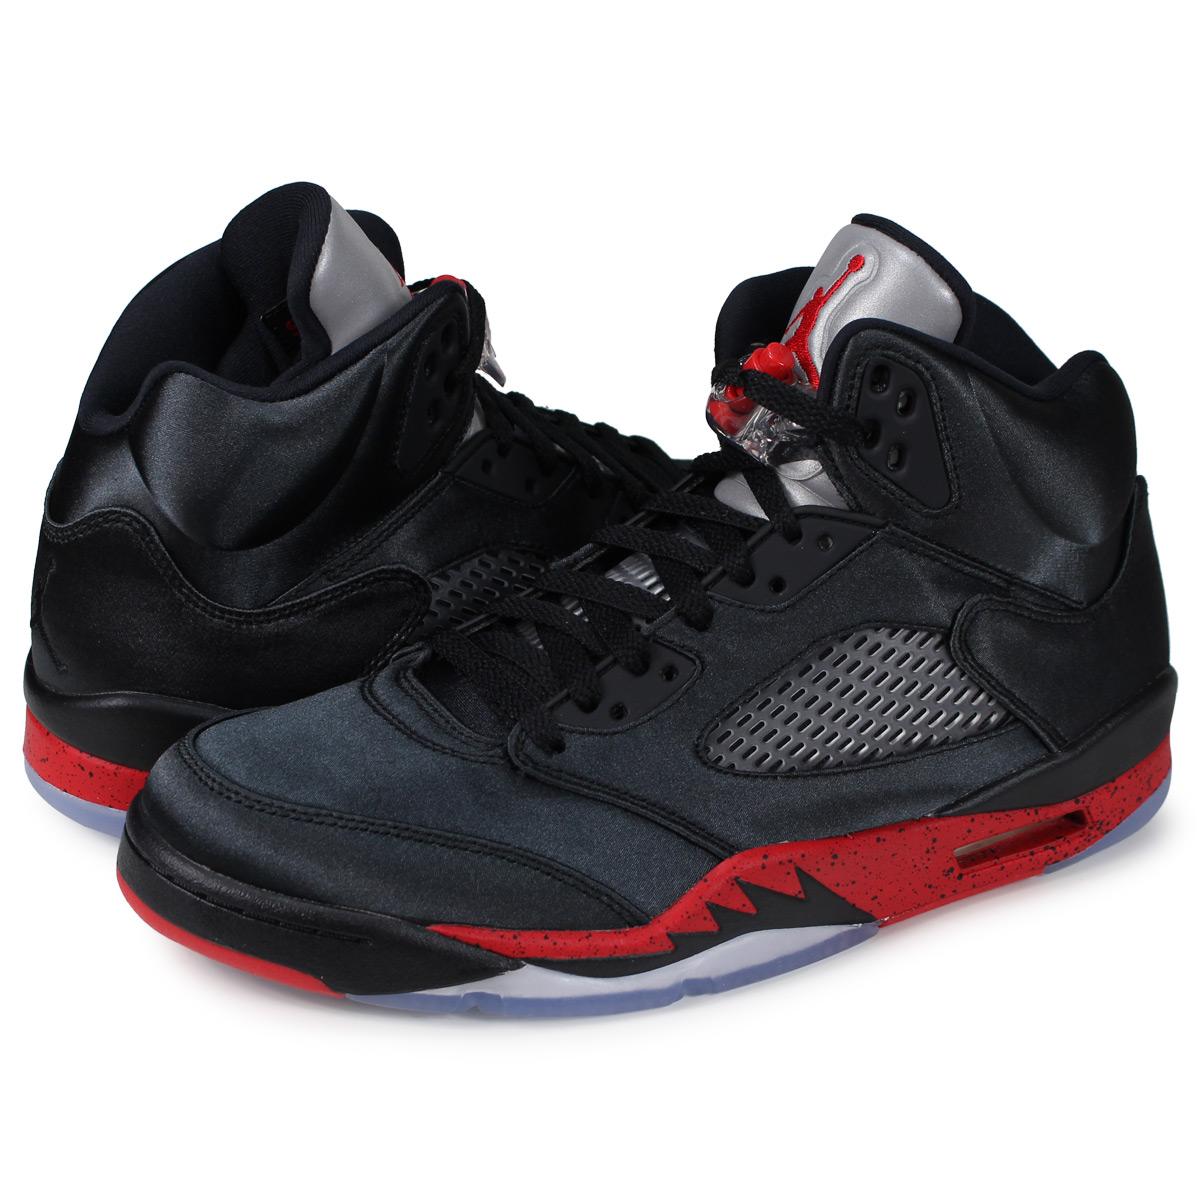 new product 42d9c 2c166 Nike NIKE Air Jordan 5 nostalgic sneakers men AIR JORDAN 5 RETRO black  136,027-006 [1811]